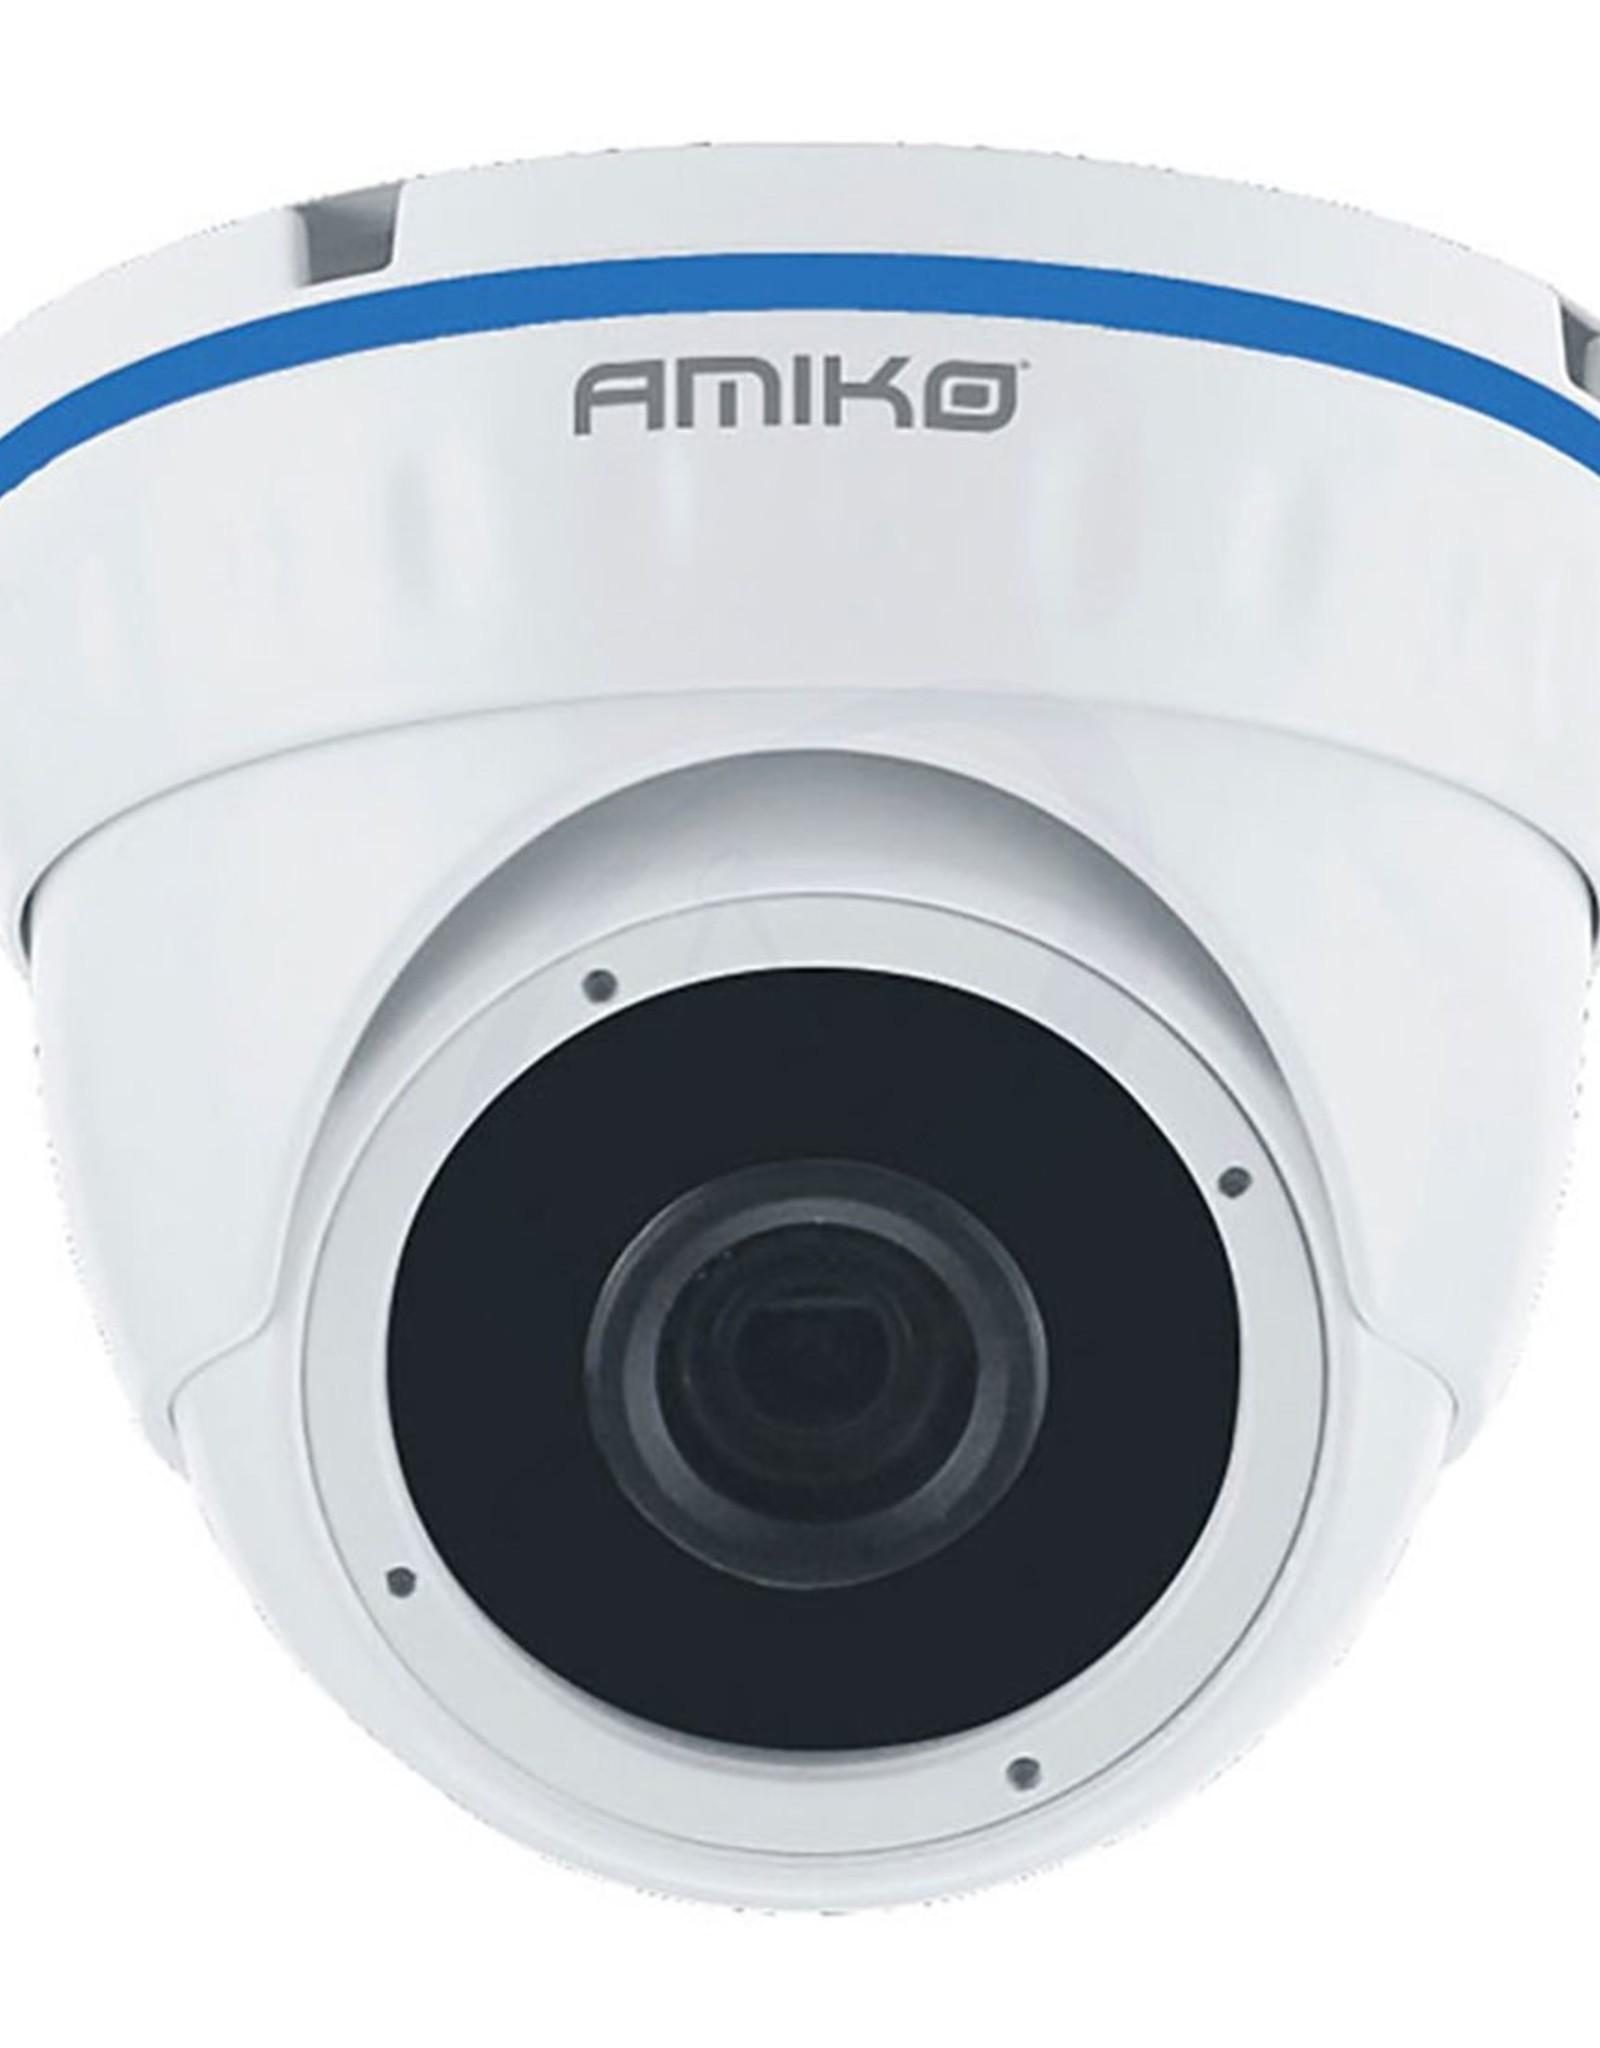 Amiko AMIKO HOME IPCAM D20V400 POE